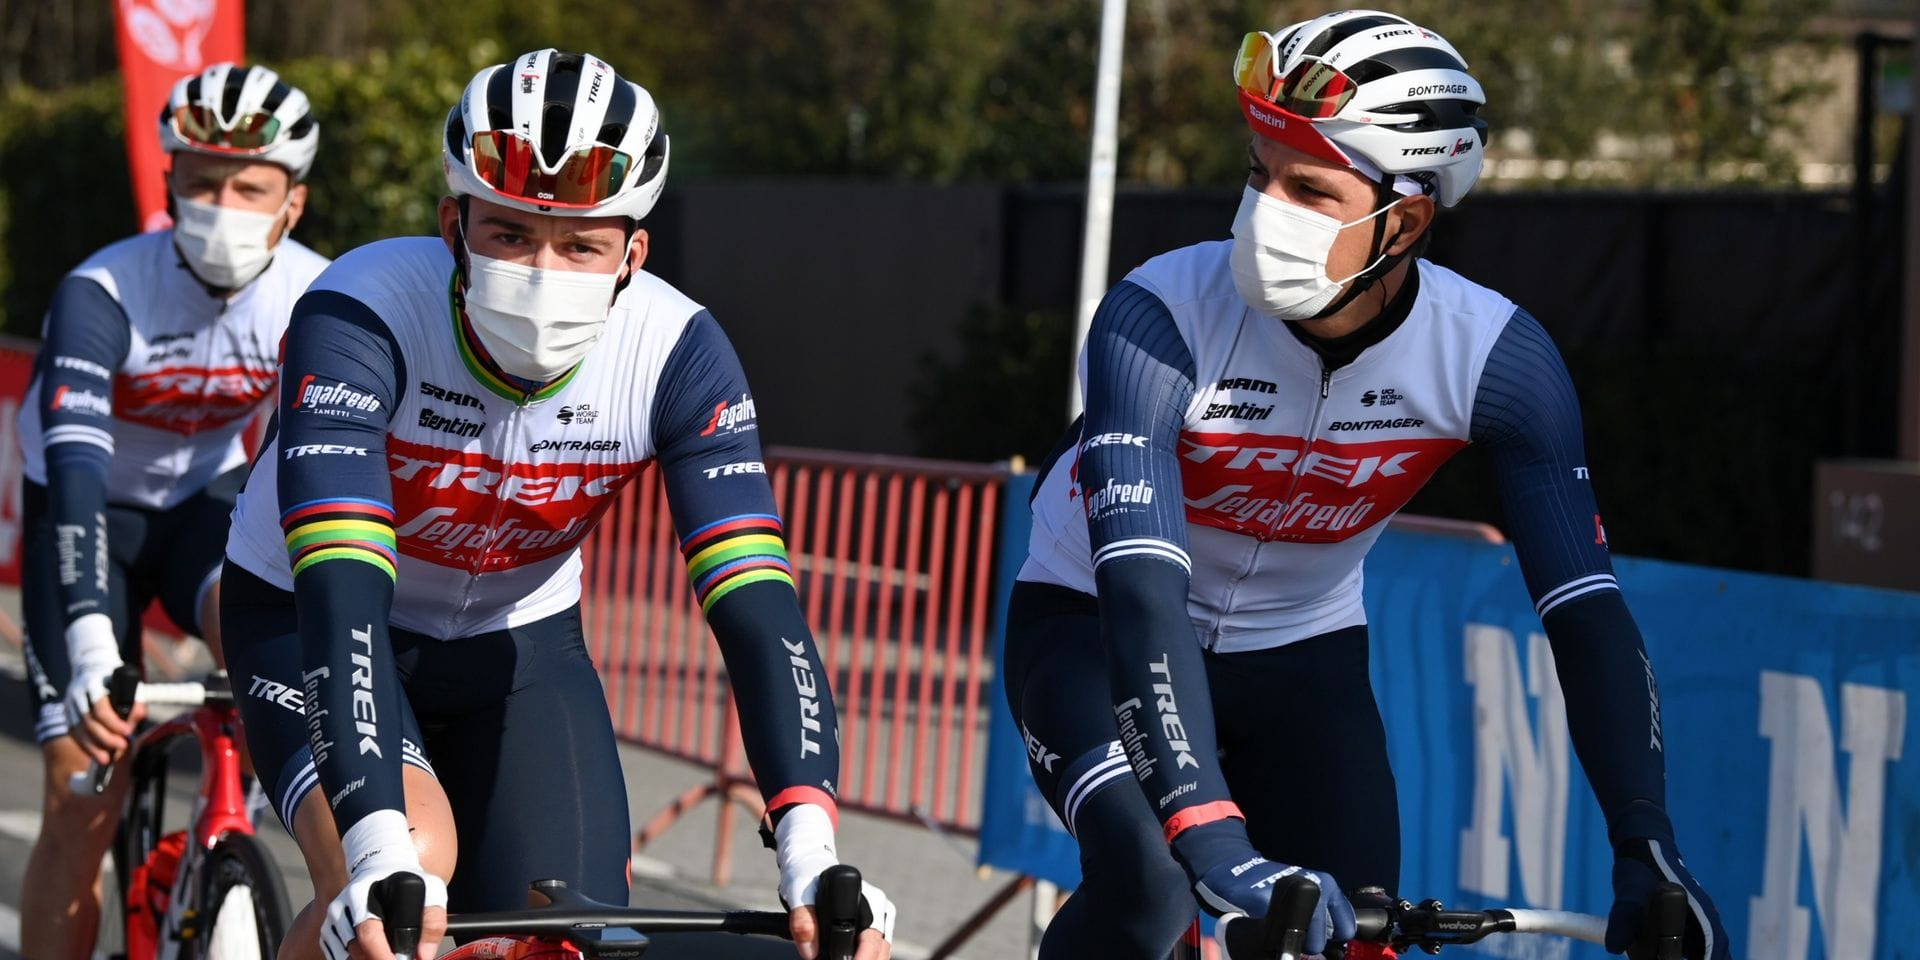 À travers la Flandre: Bora-Hansgrohe finalement au départ, Trek-Segafredo avec Stuyven mais sans Pedersen